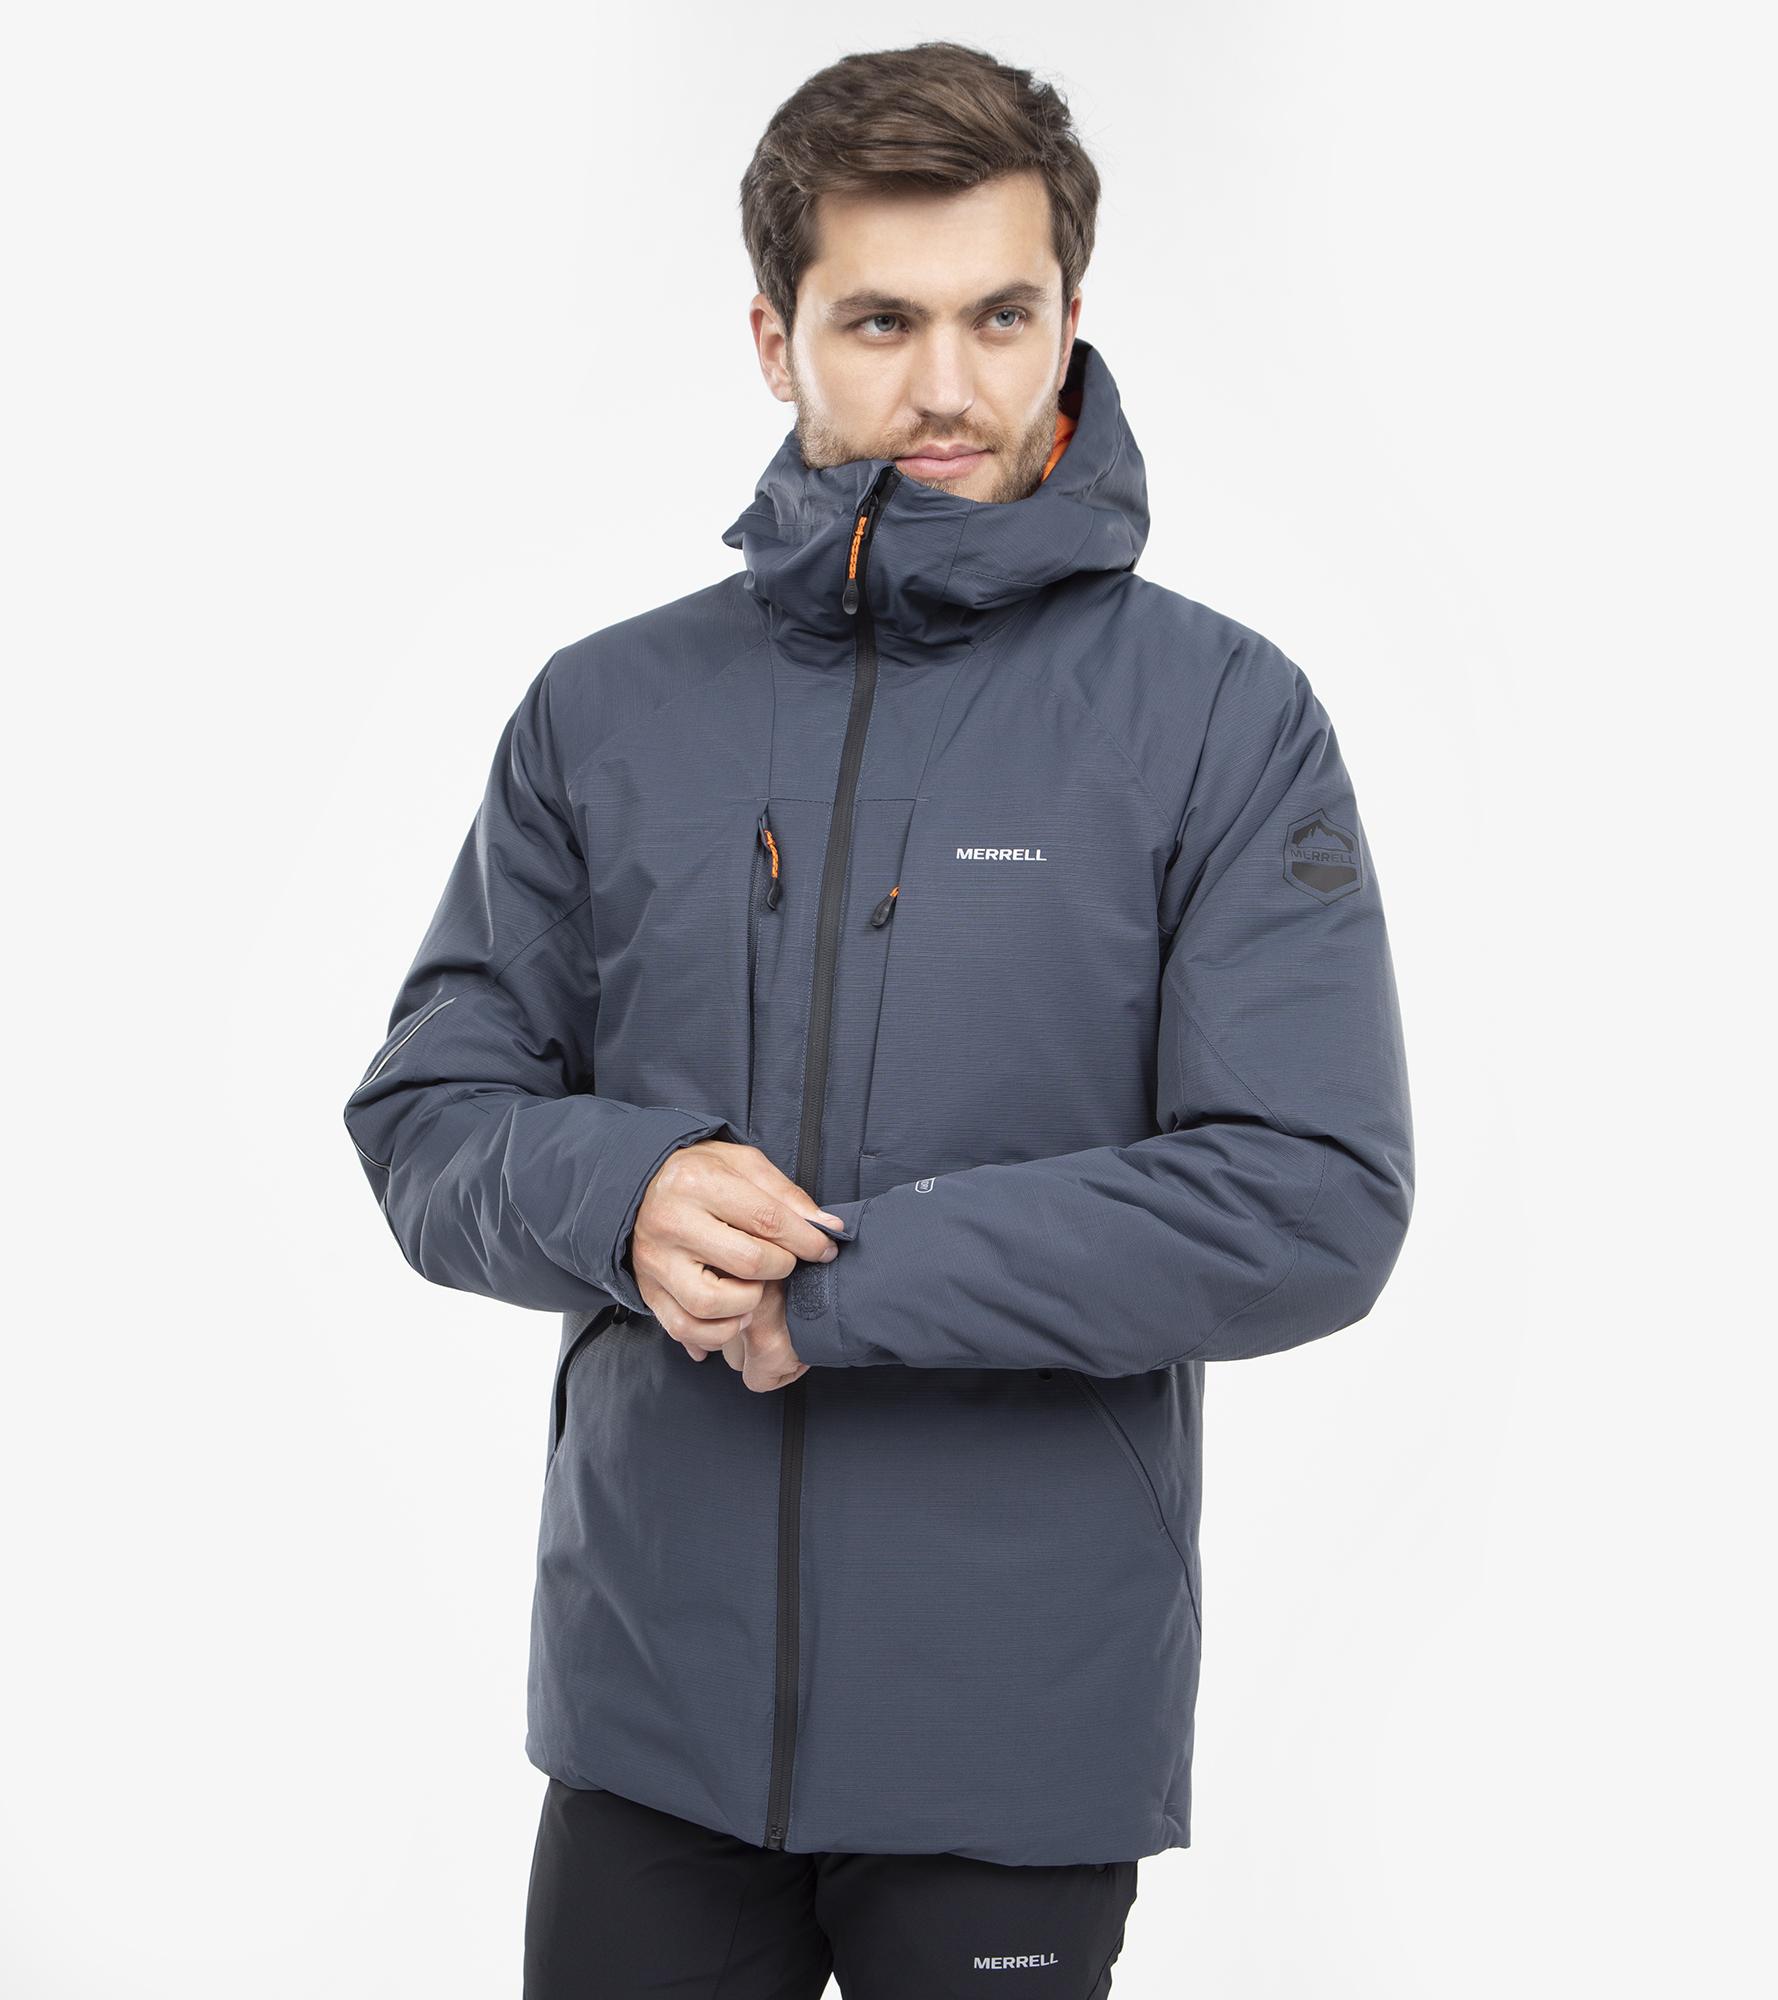 Merrell Куртка утепленная мужская Merrell, размер 58